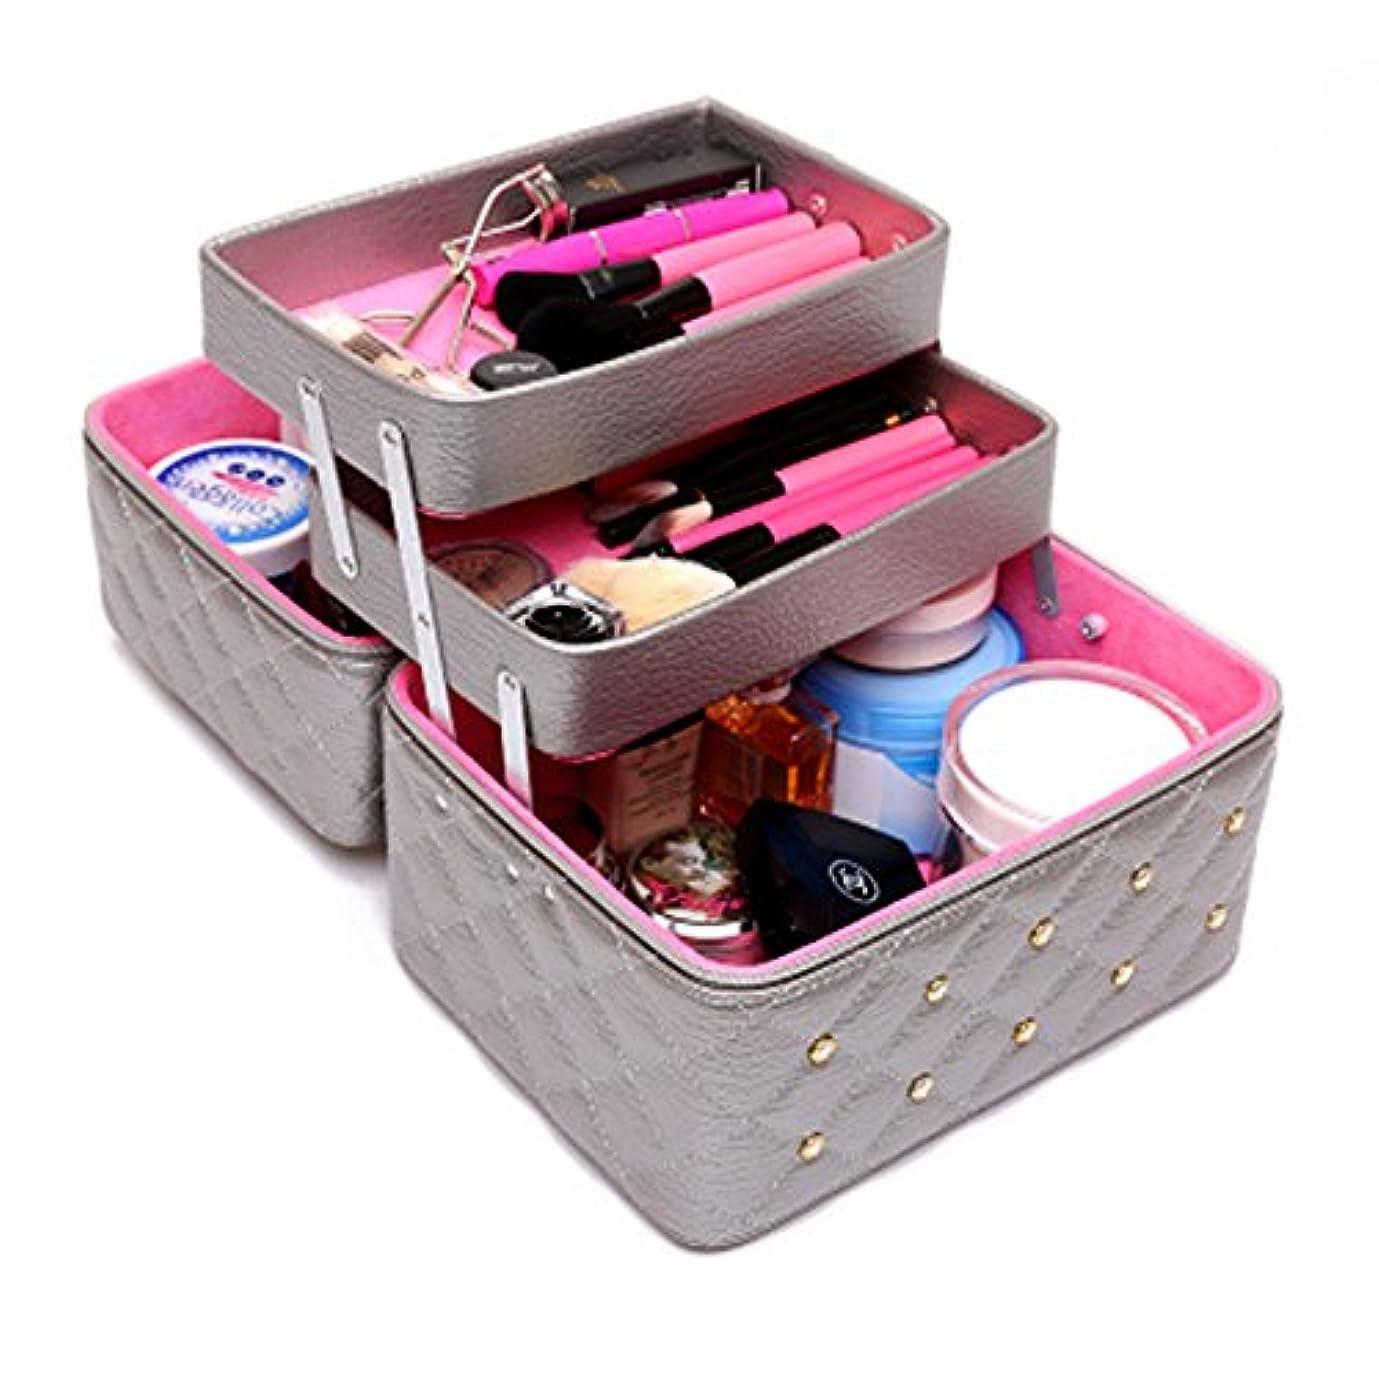 極地触手成熟FYX メイクボックス コスメボックス 大容量 化粧品収納ボックス 収納ケース 小物入れ 大容量 取っ手付 (グレー)